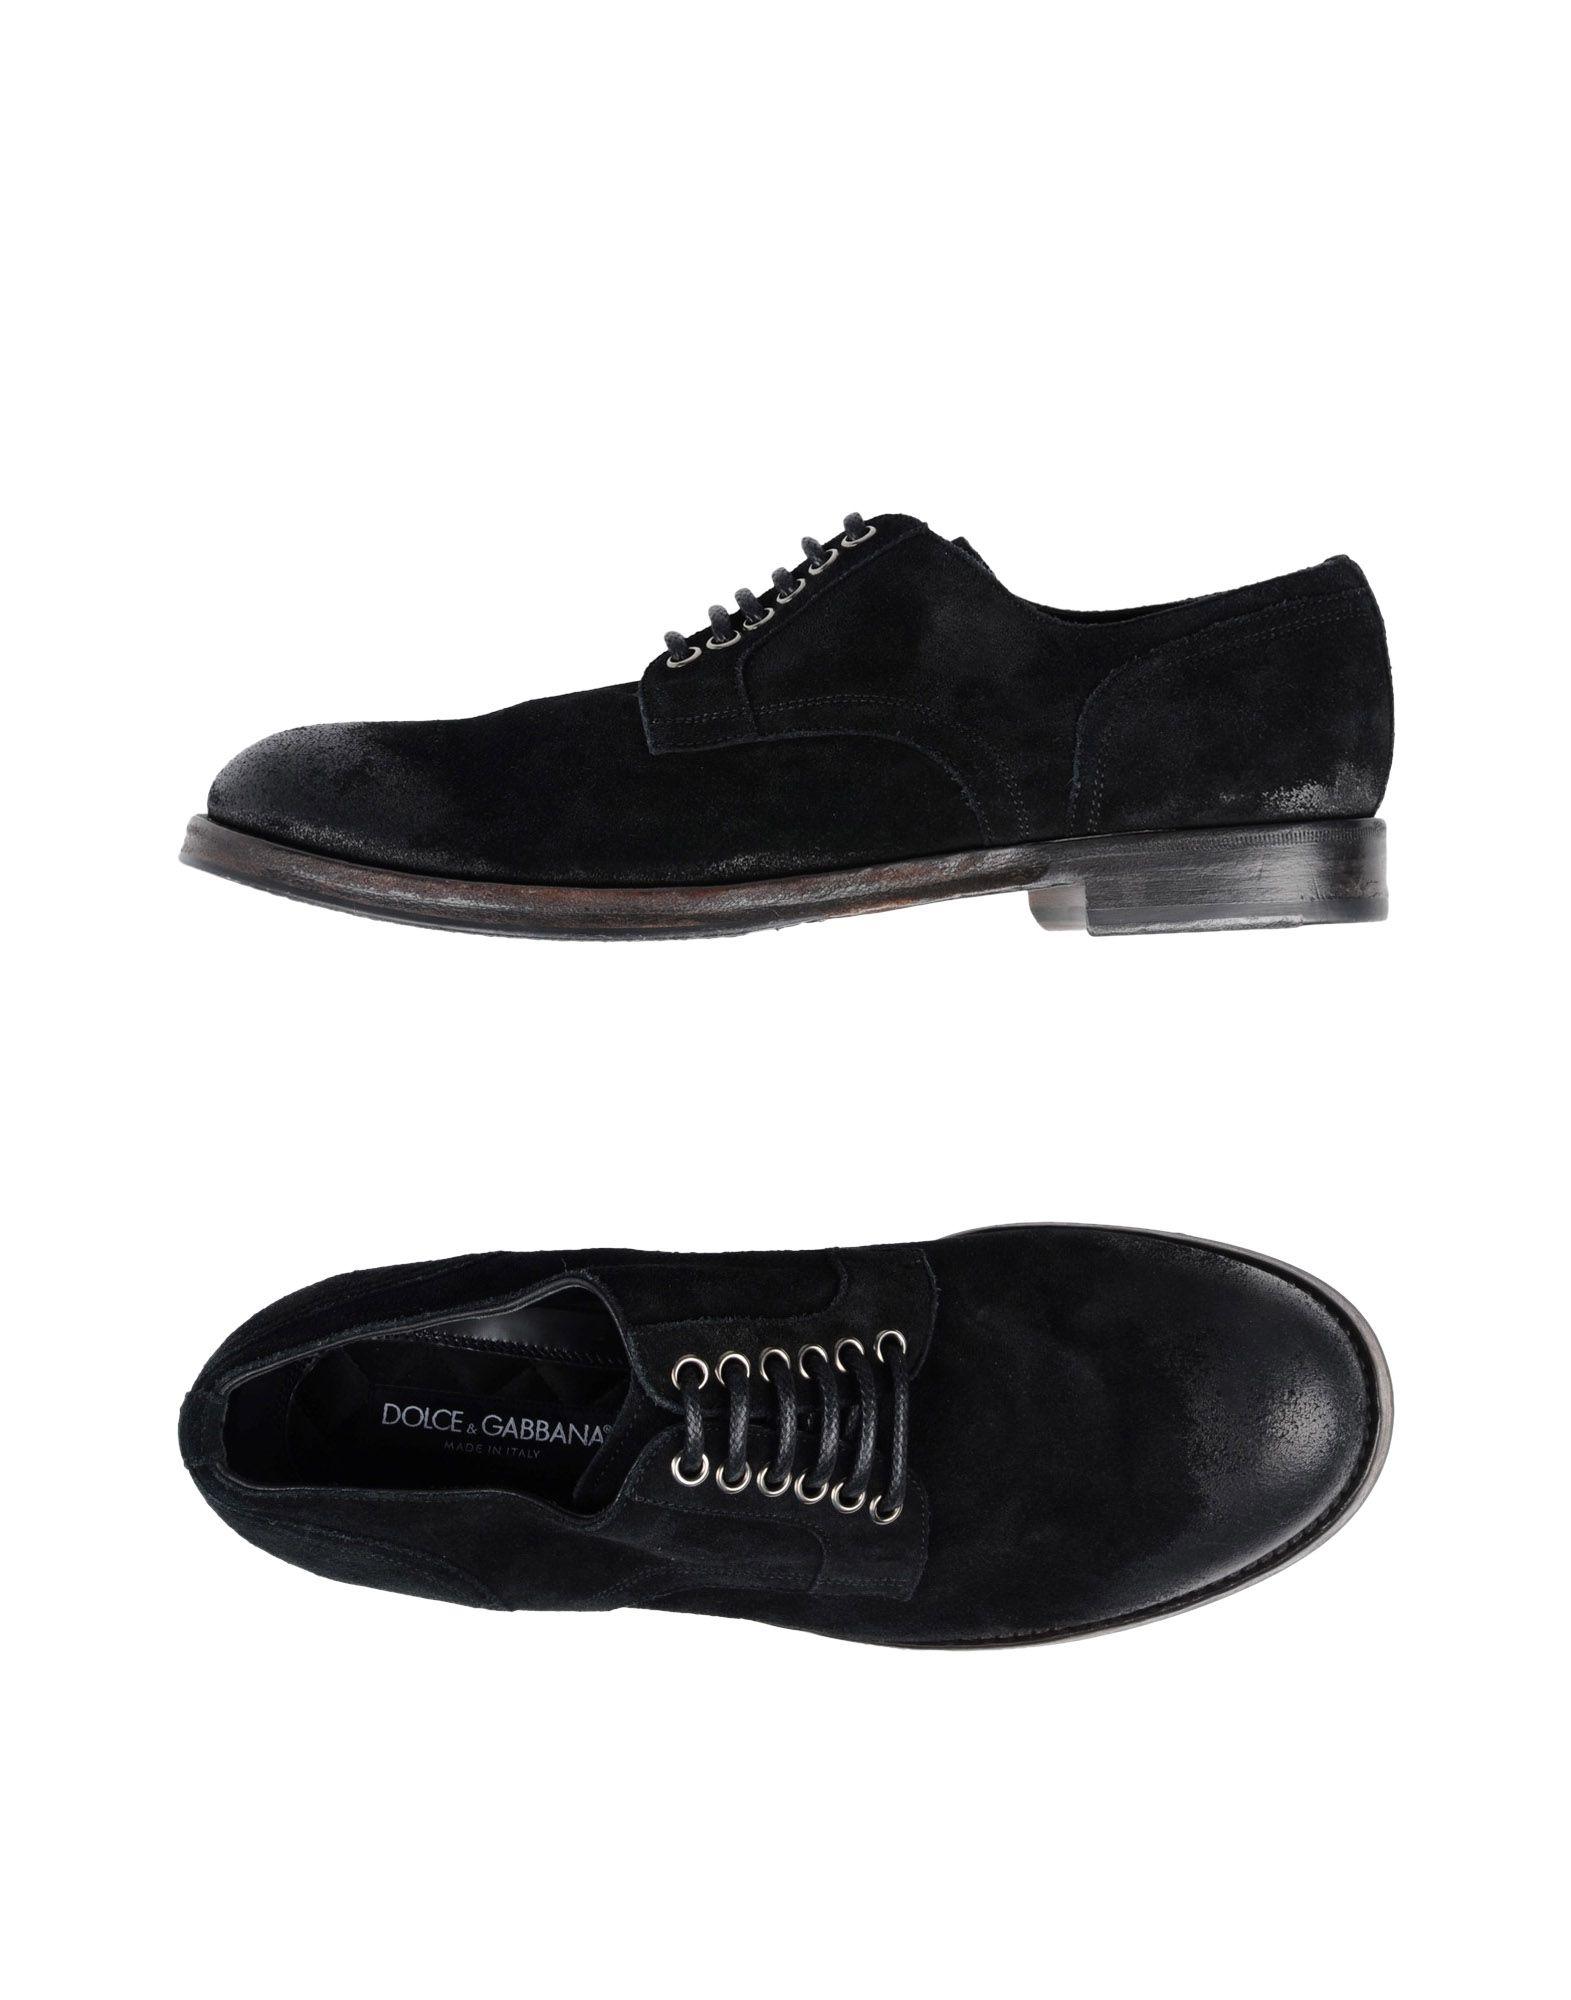 Dolce & Gabbana Schnürschuhe Herren  11462550KP Gute Qualität beliebte Schuhe